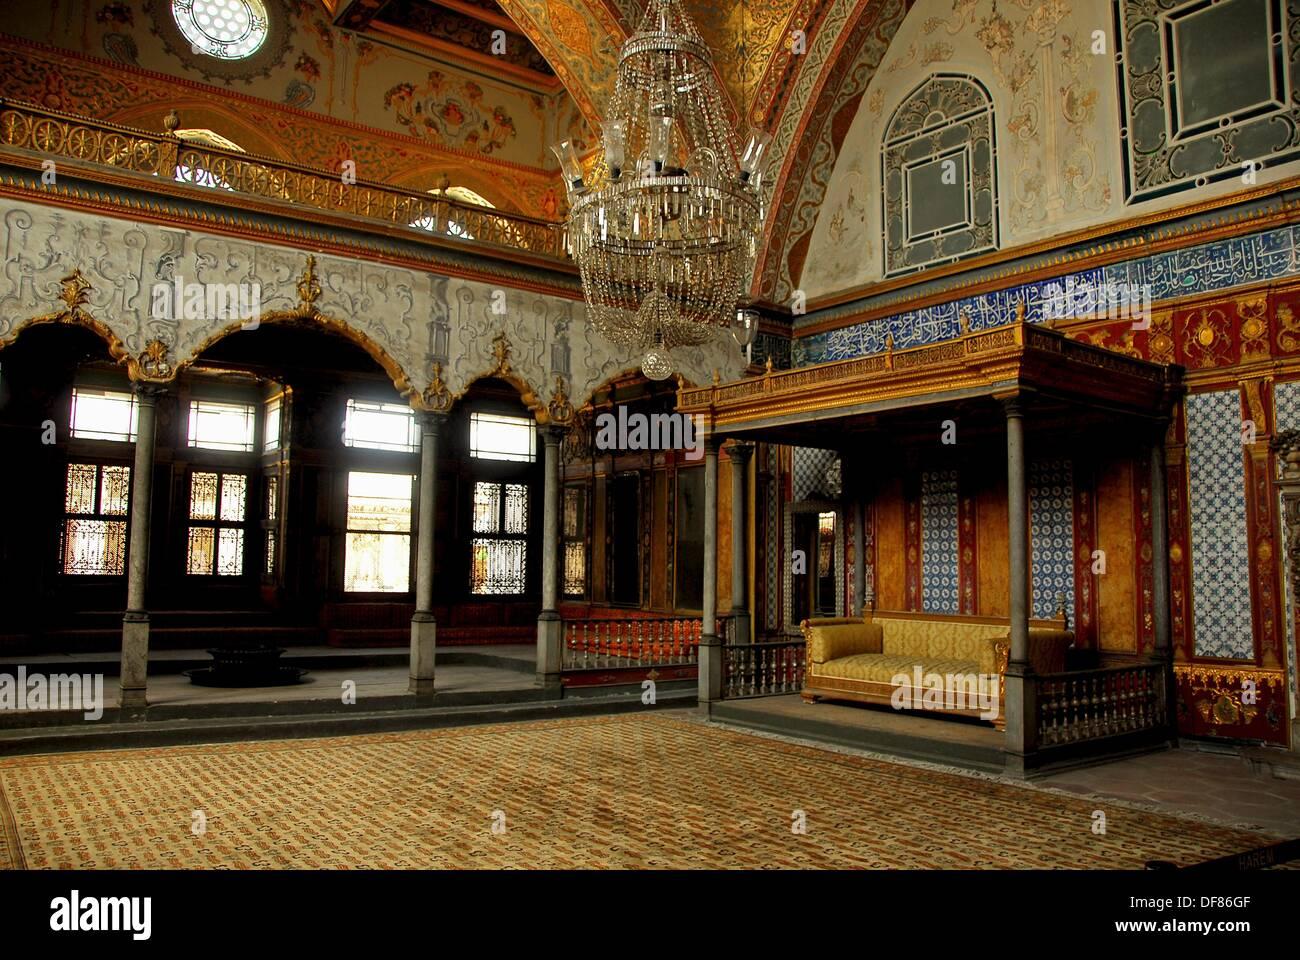 Il Divano Di Istanbul.Il Salone Imperiale Noto Anche Come Il Divano Imperiale Harem Il